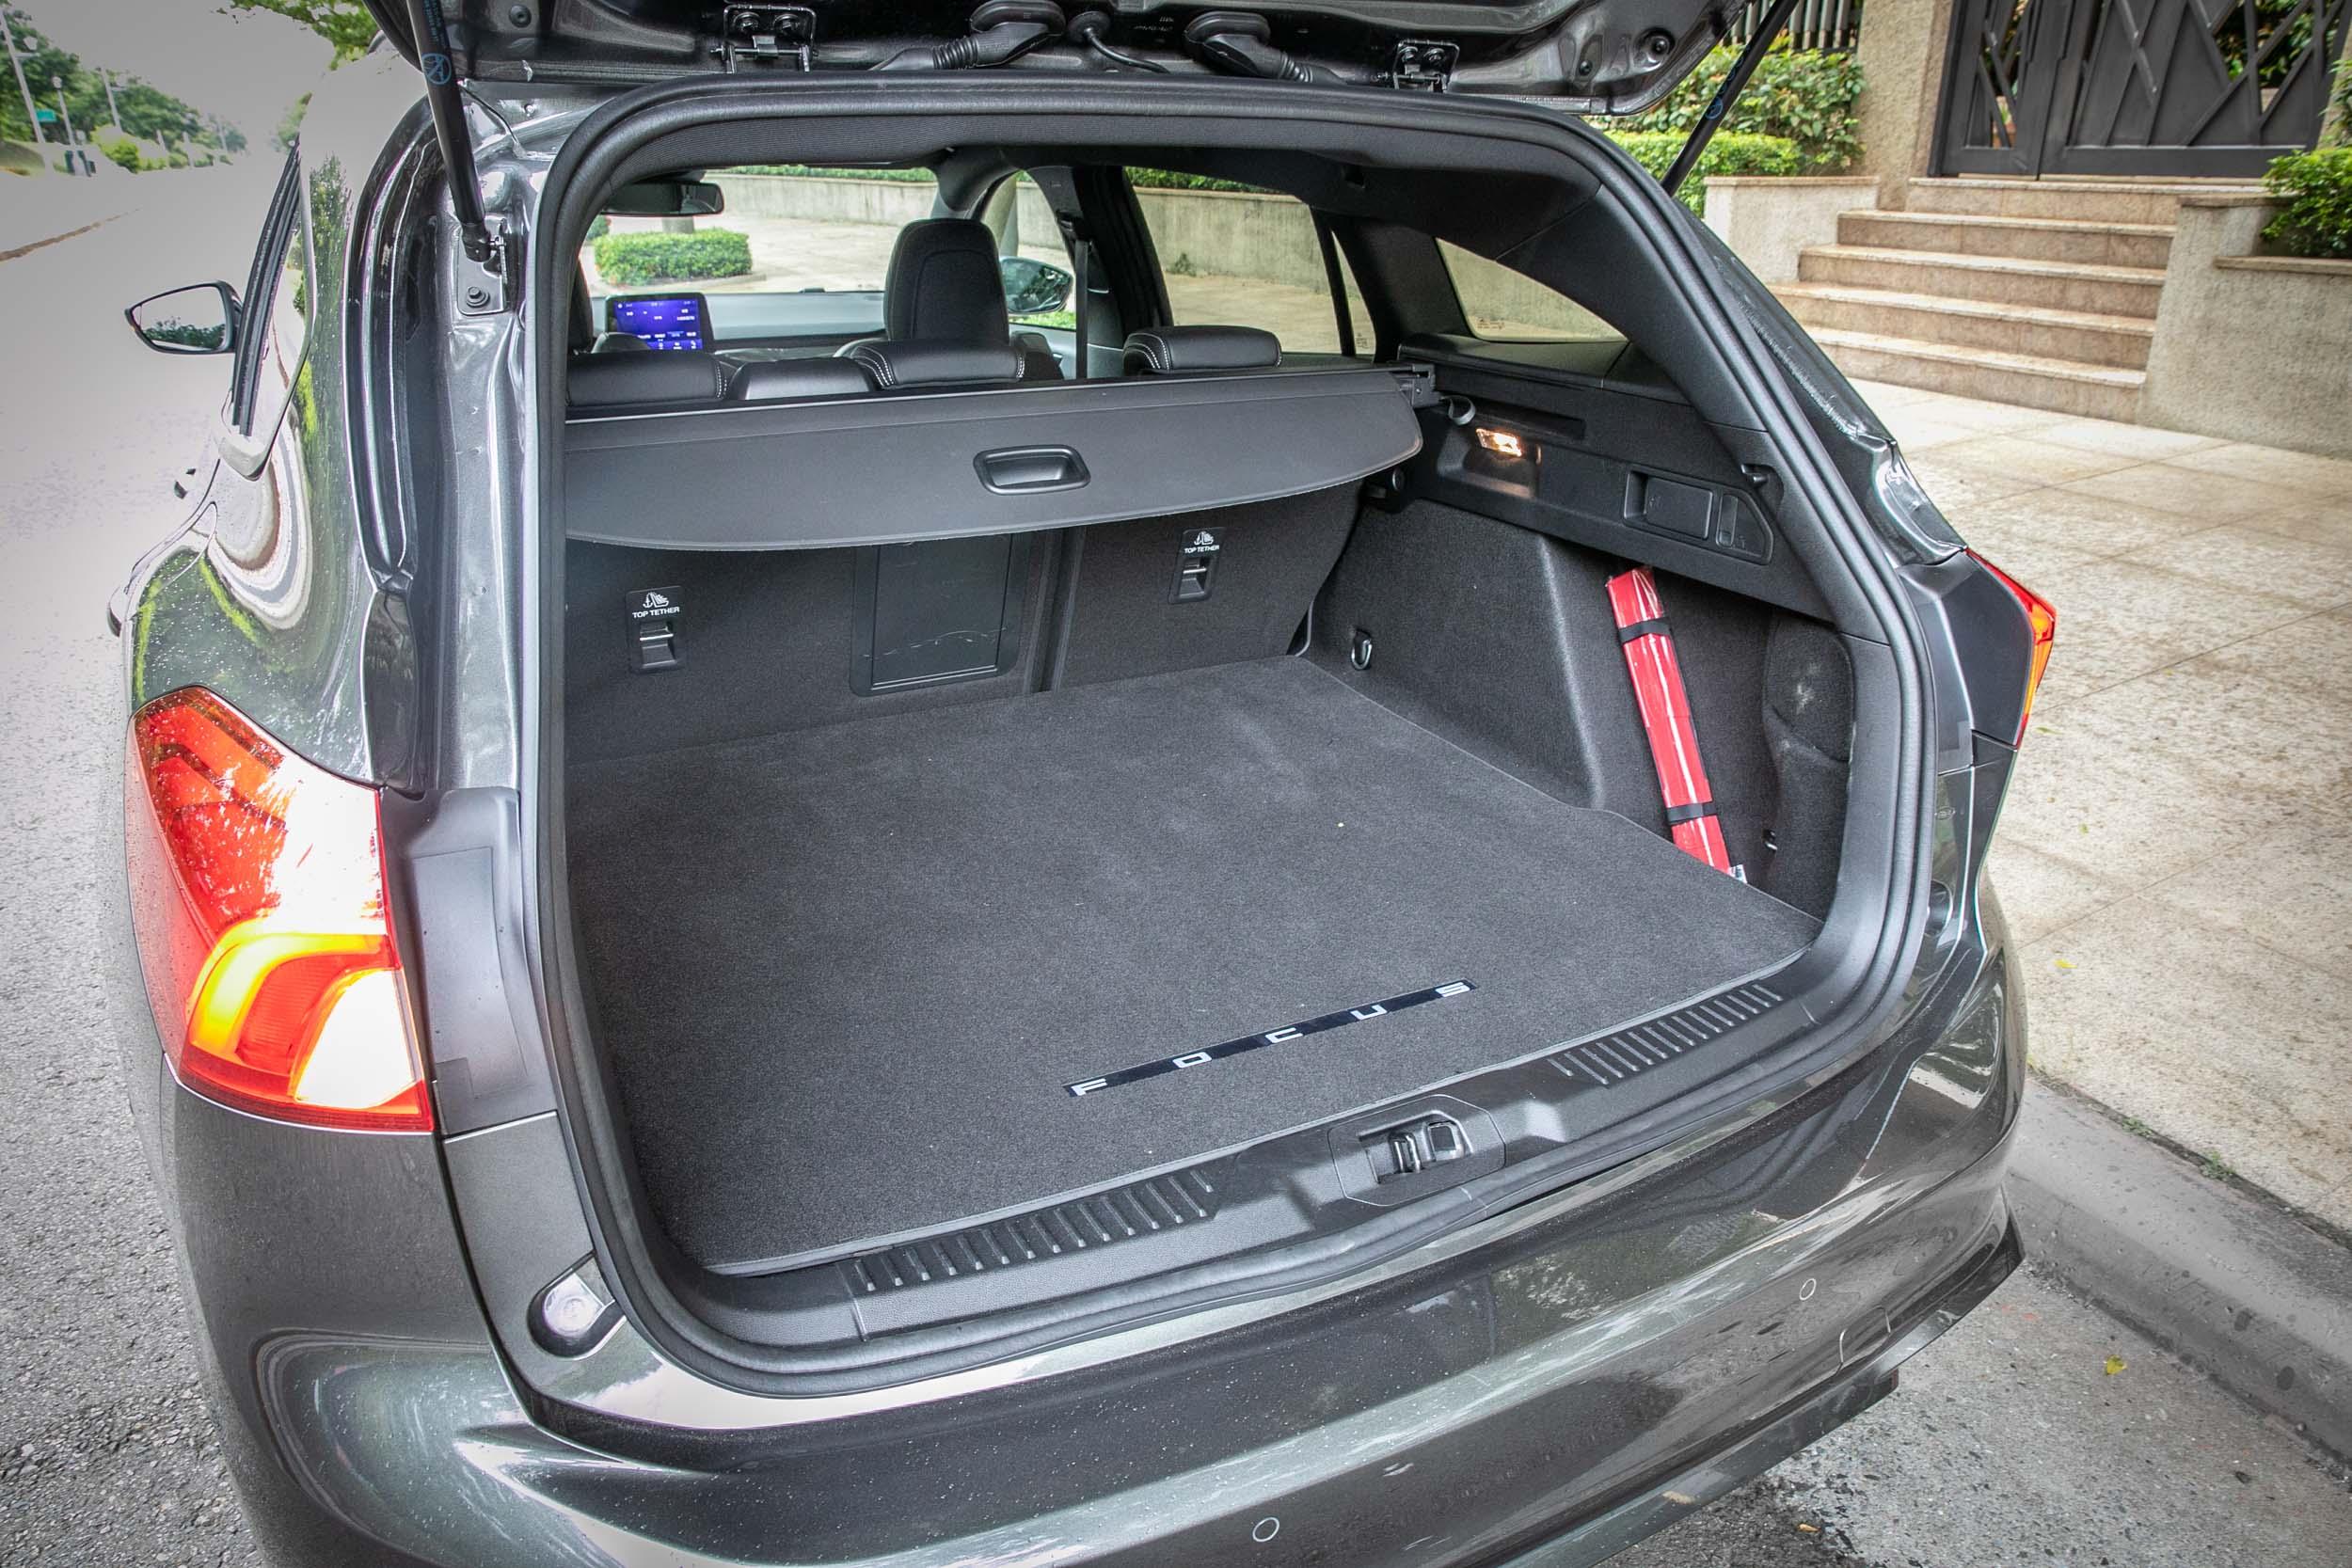 標準乘坐狀態時後廂容積可達 694 公升,若把後座椅背傾倒,還可擴充至 1576 公升。